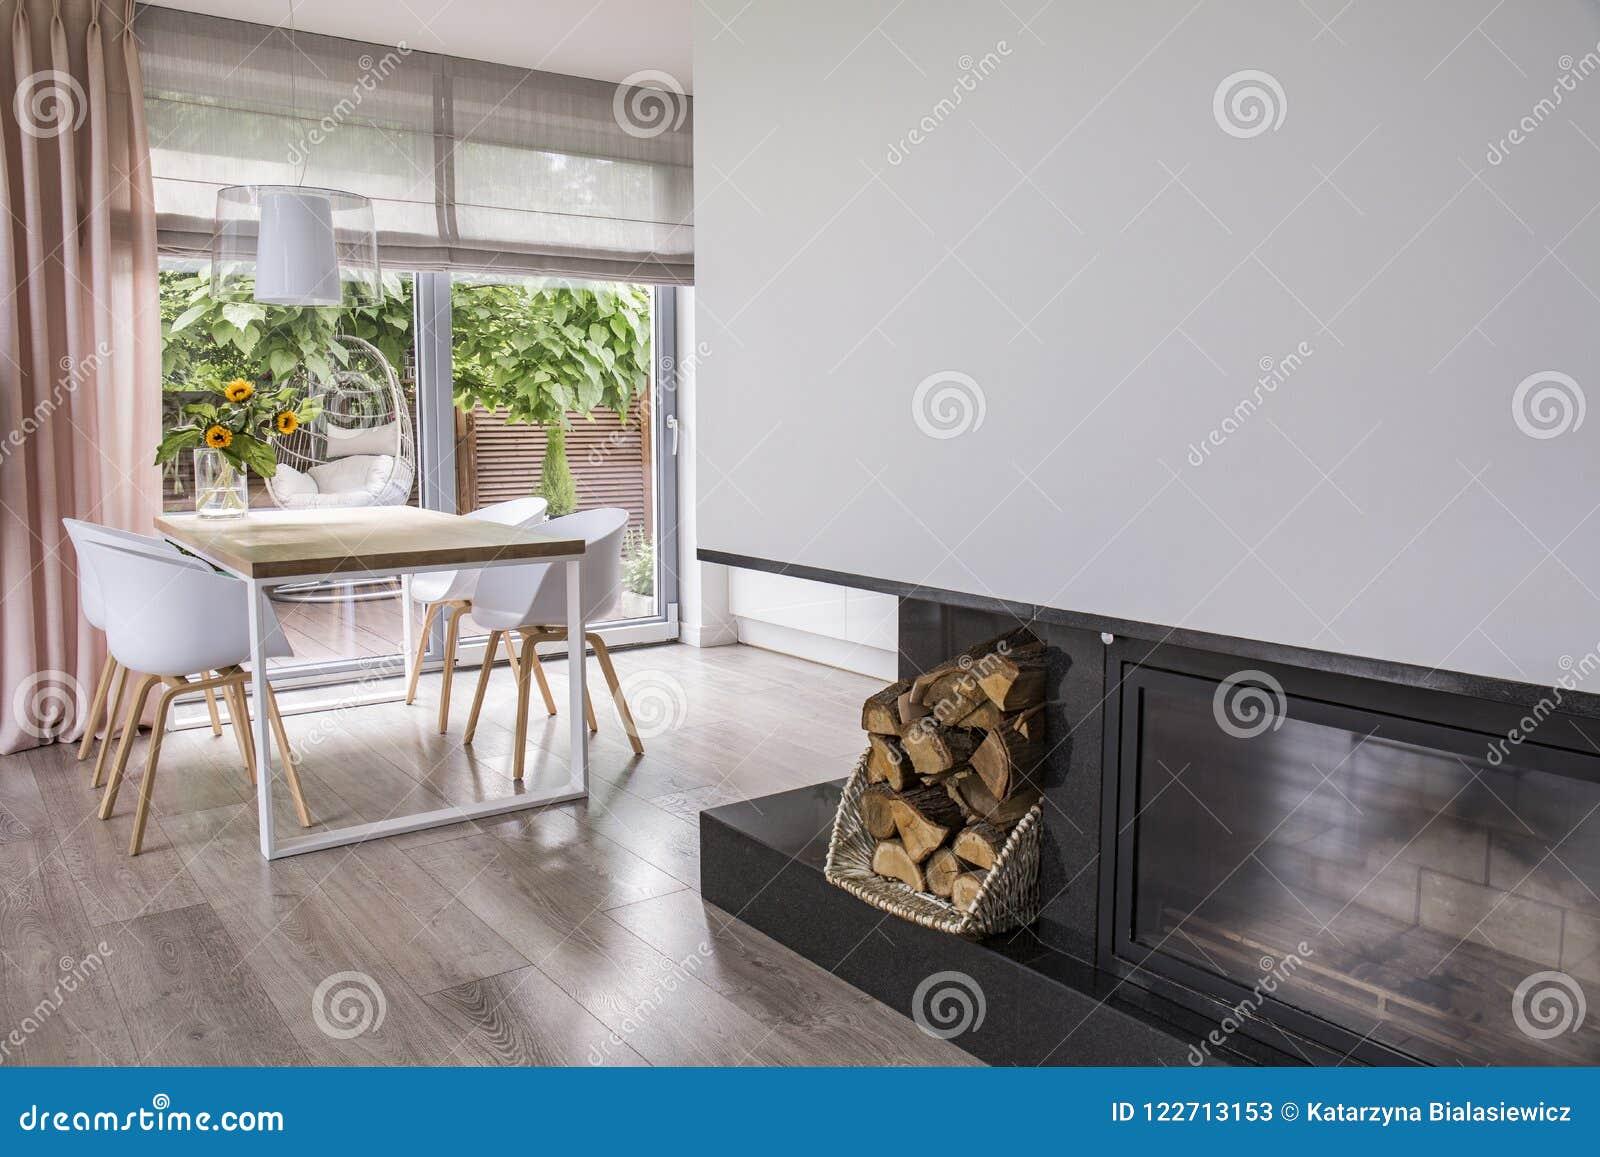 Εστία δίπλα στις άσπρες καρέκλες στον πίνακα στο φωτεινό εσωτερικό τραπεζαρίας με το παράθυρο Πραγματική φωτογραφία